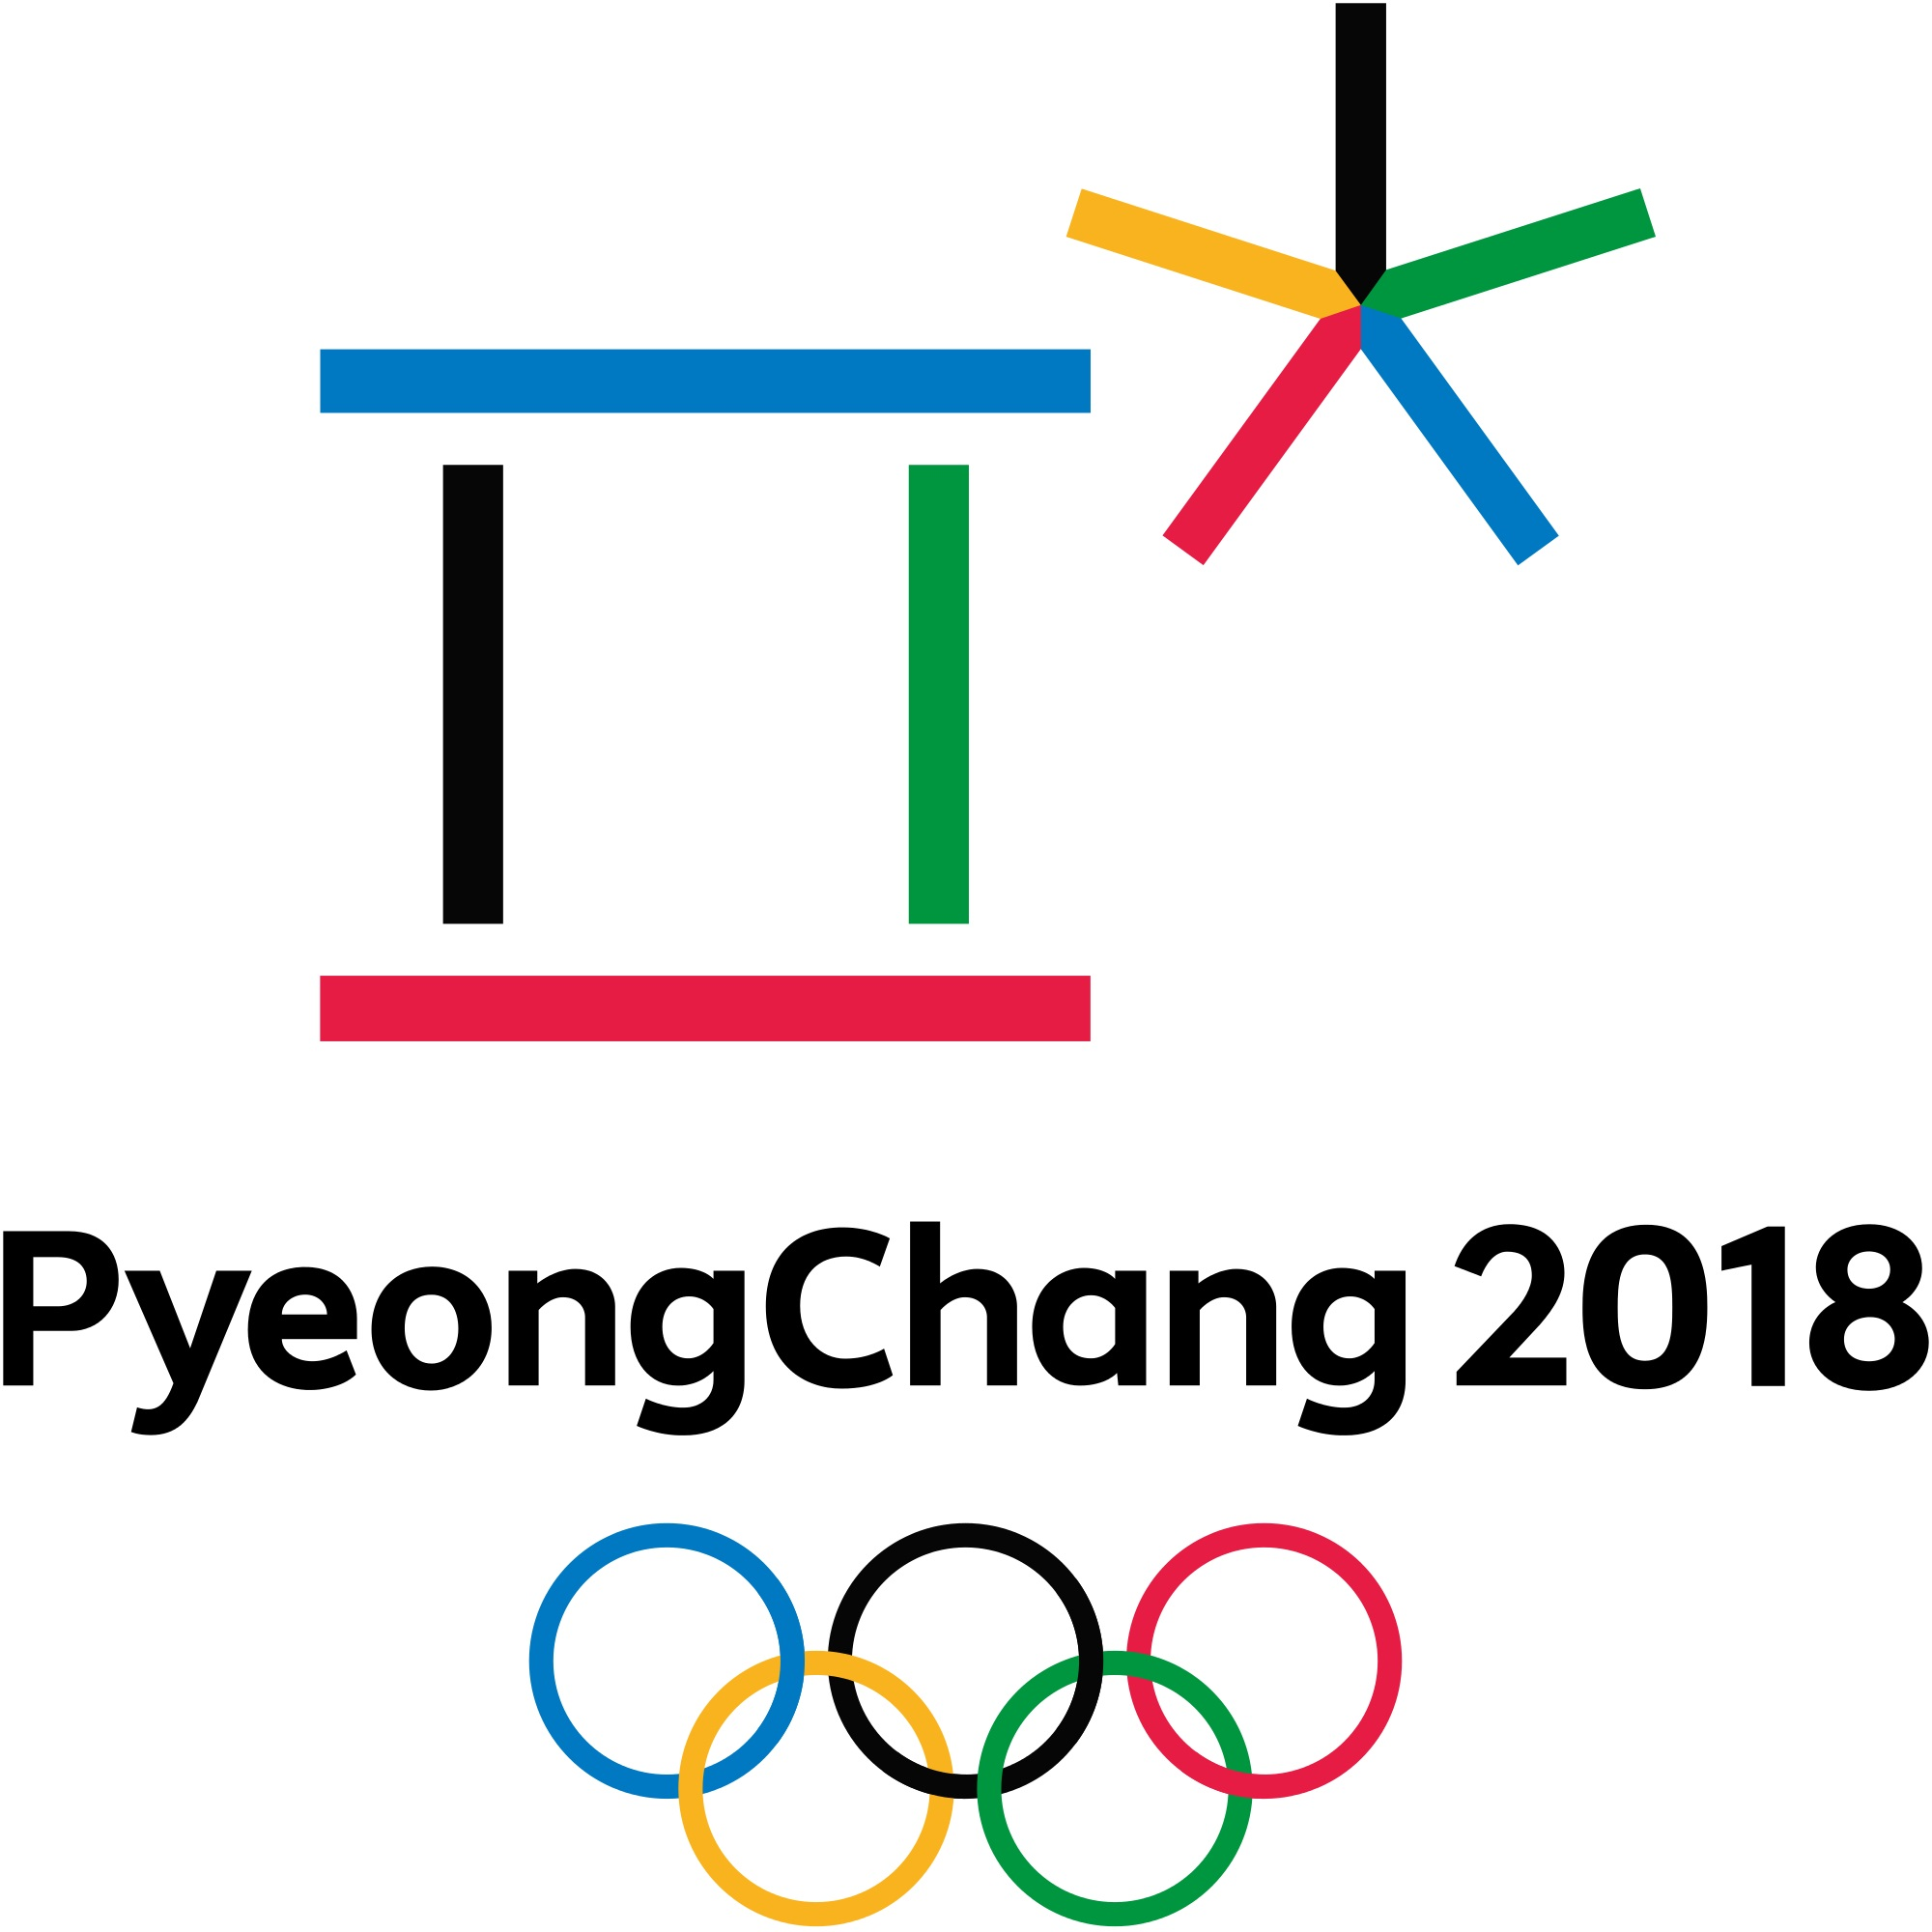 PyeongChang-2018-Olympics